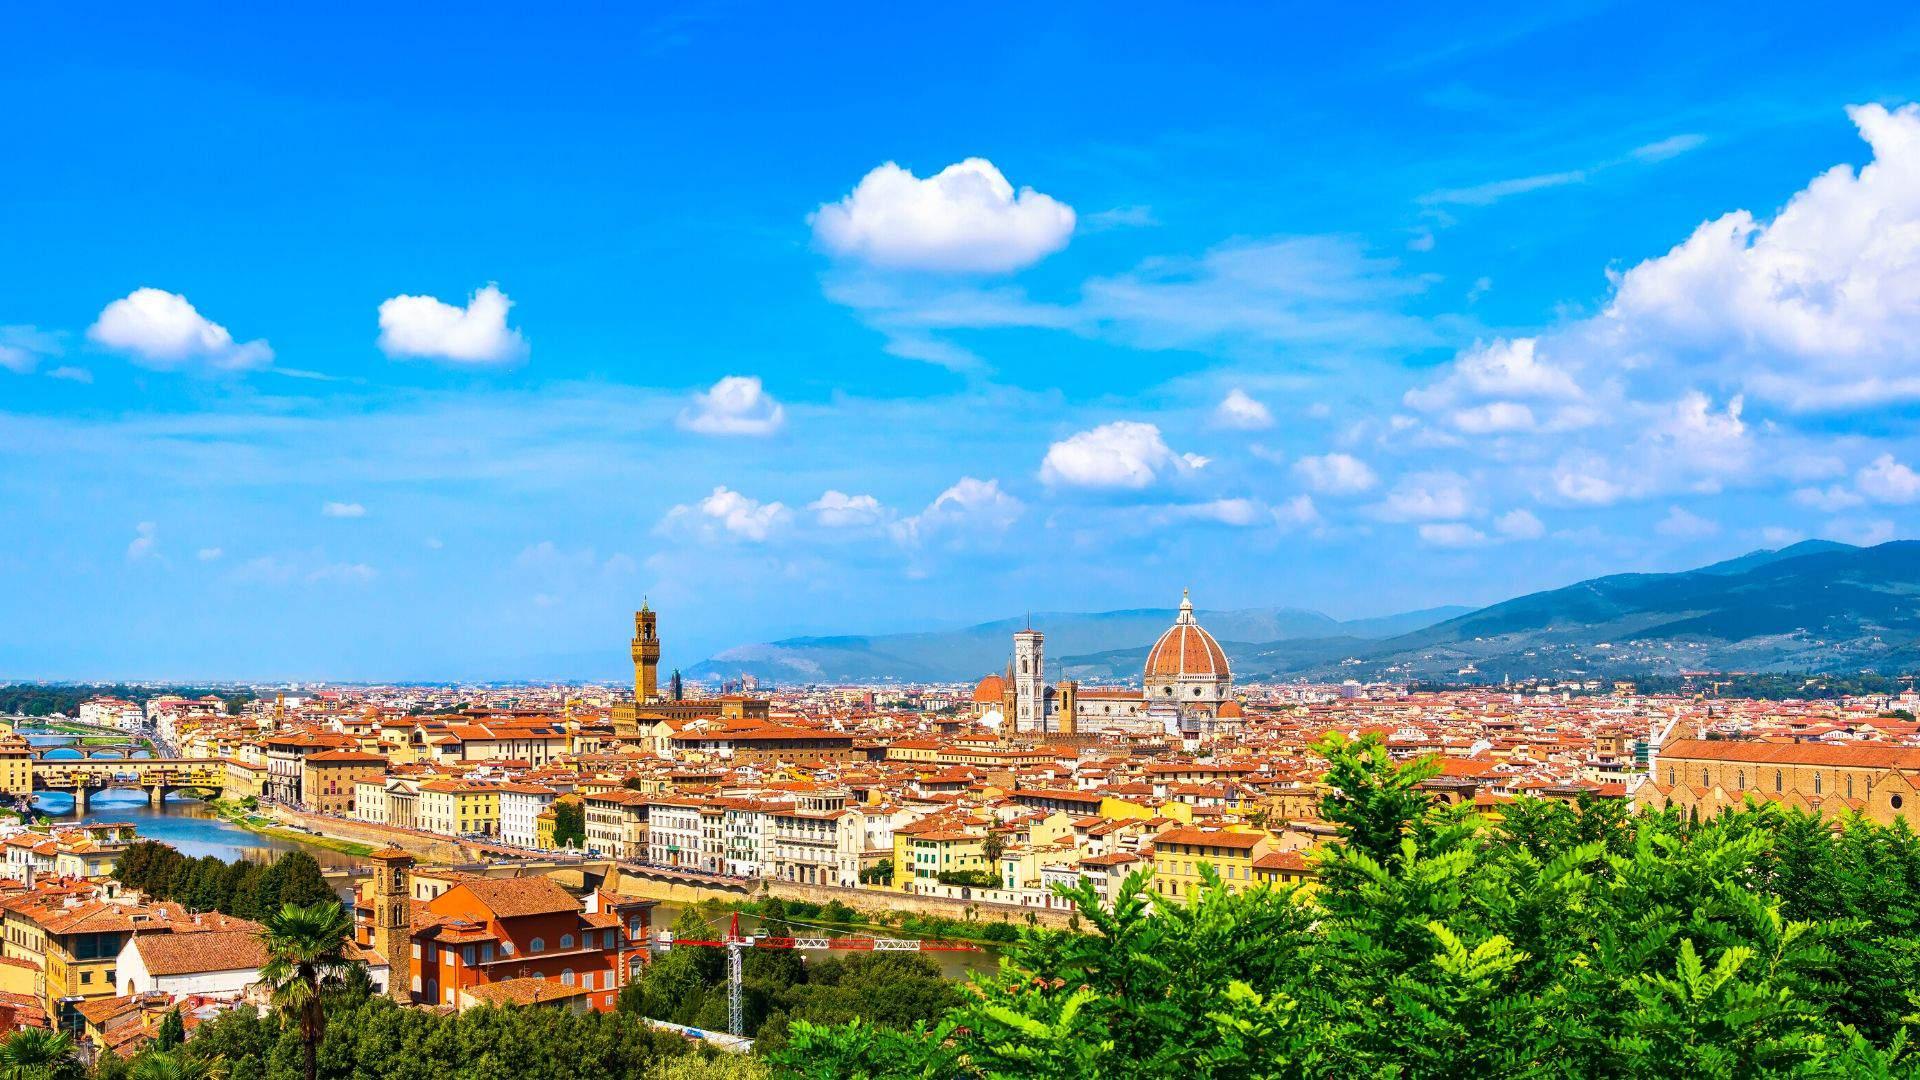 Trumpa kelionė į Italiją – nuostabių apylinkių tyrinėjimui